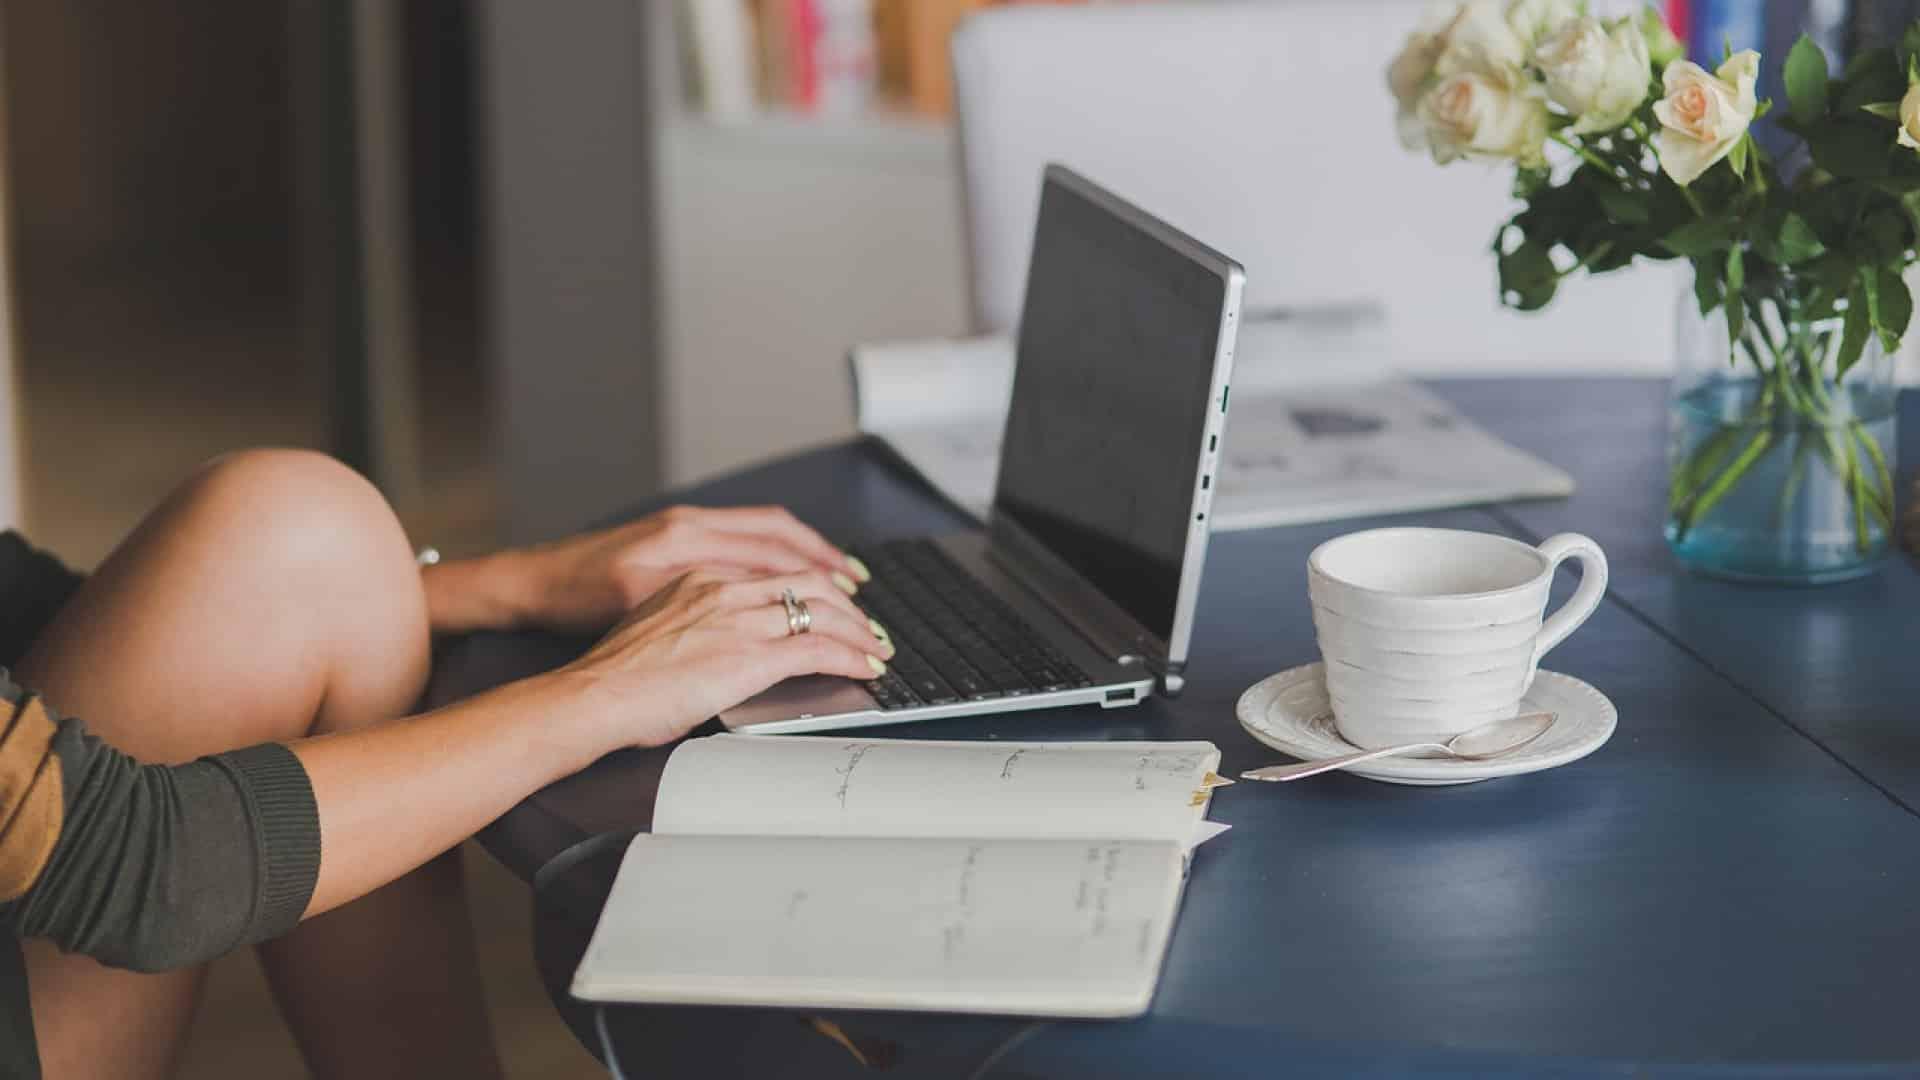 Pourquoi faut-il contacter un développeur Web freelance ?